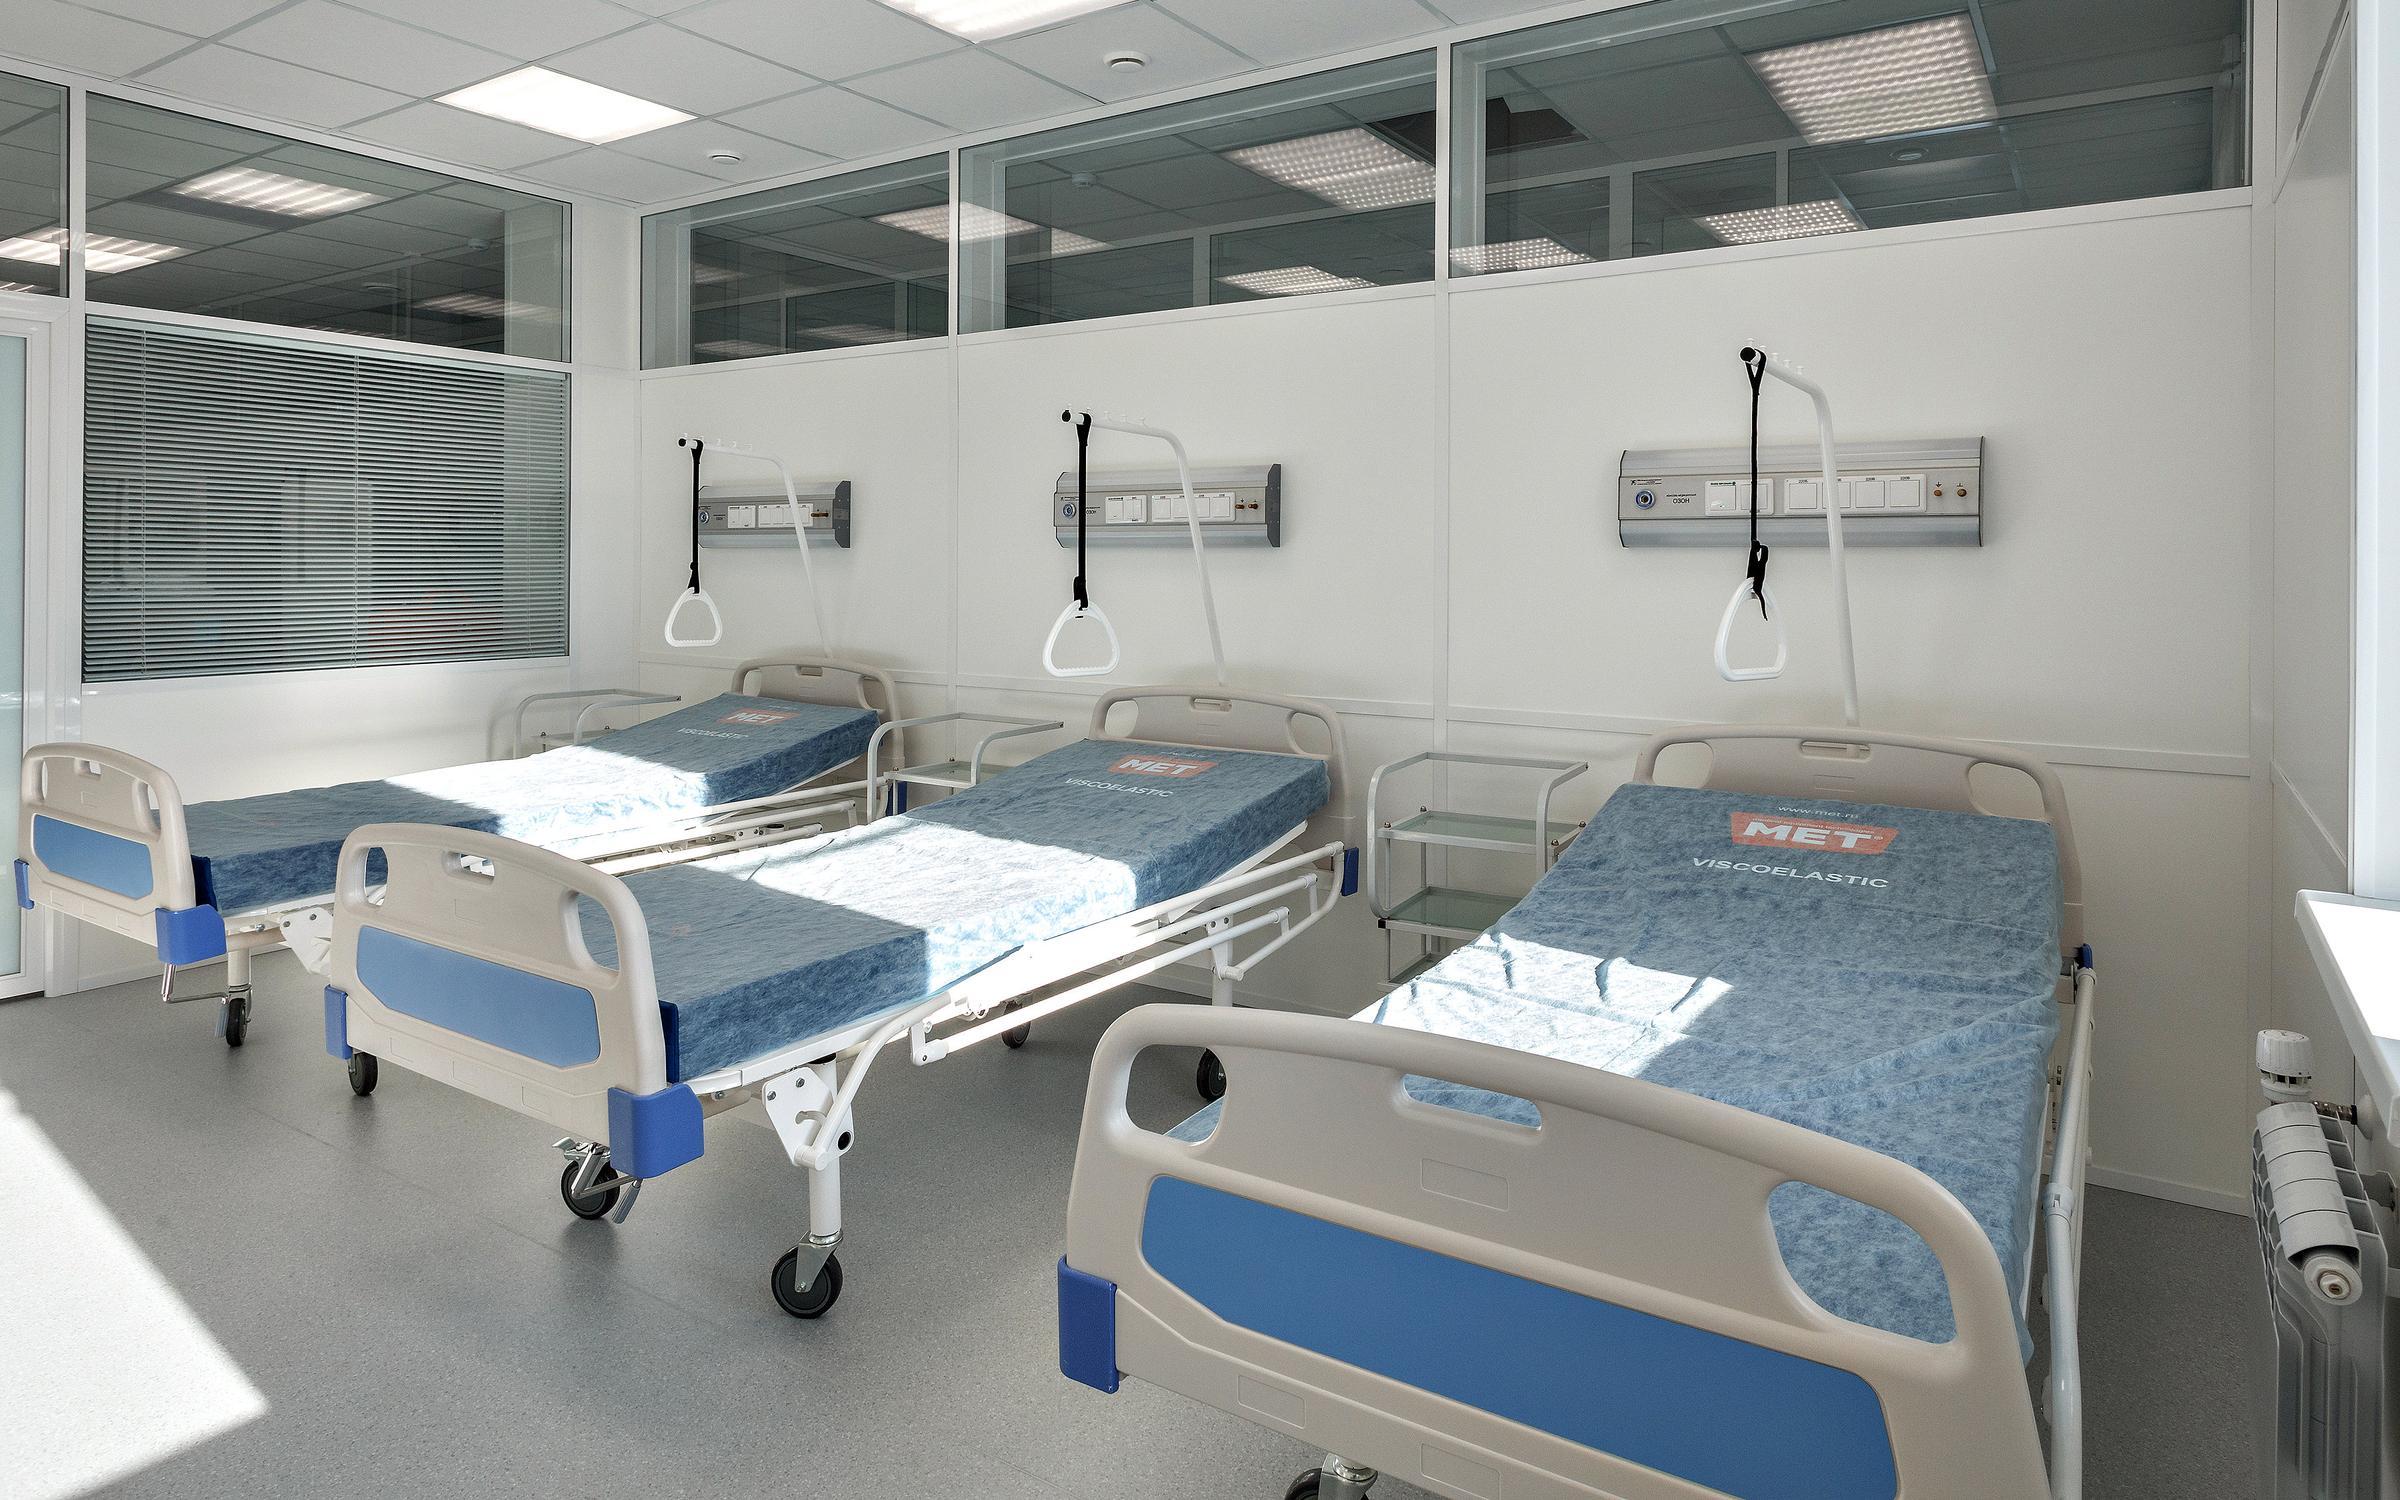 фотография Медицинского центра лечения алкоголизма и наркомании НАРКОЛОГИЯ в Курчатовском районе